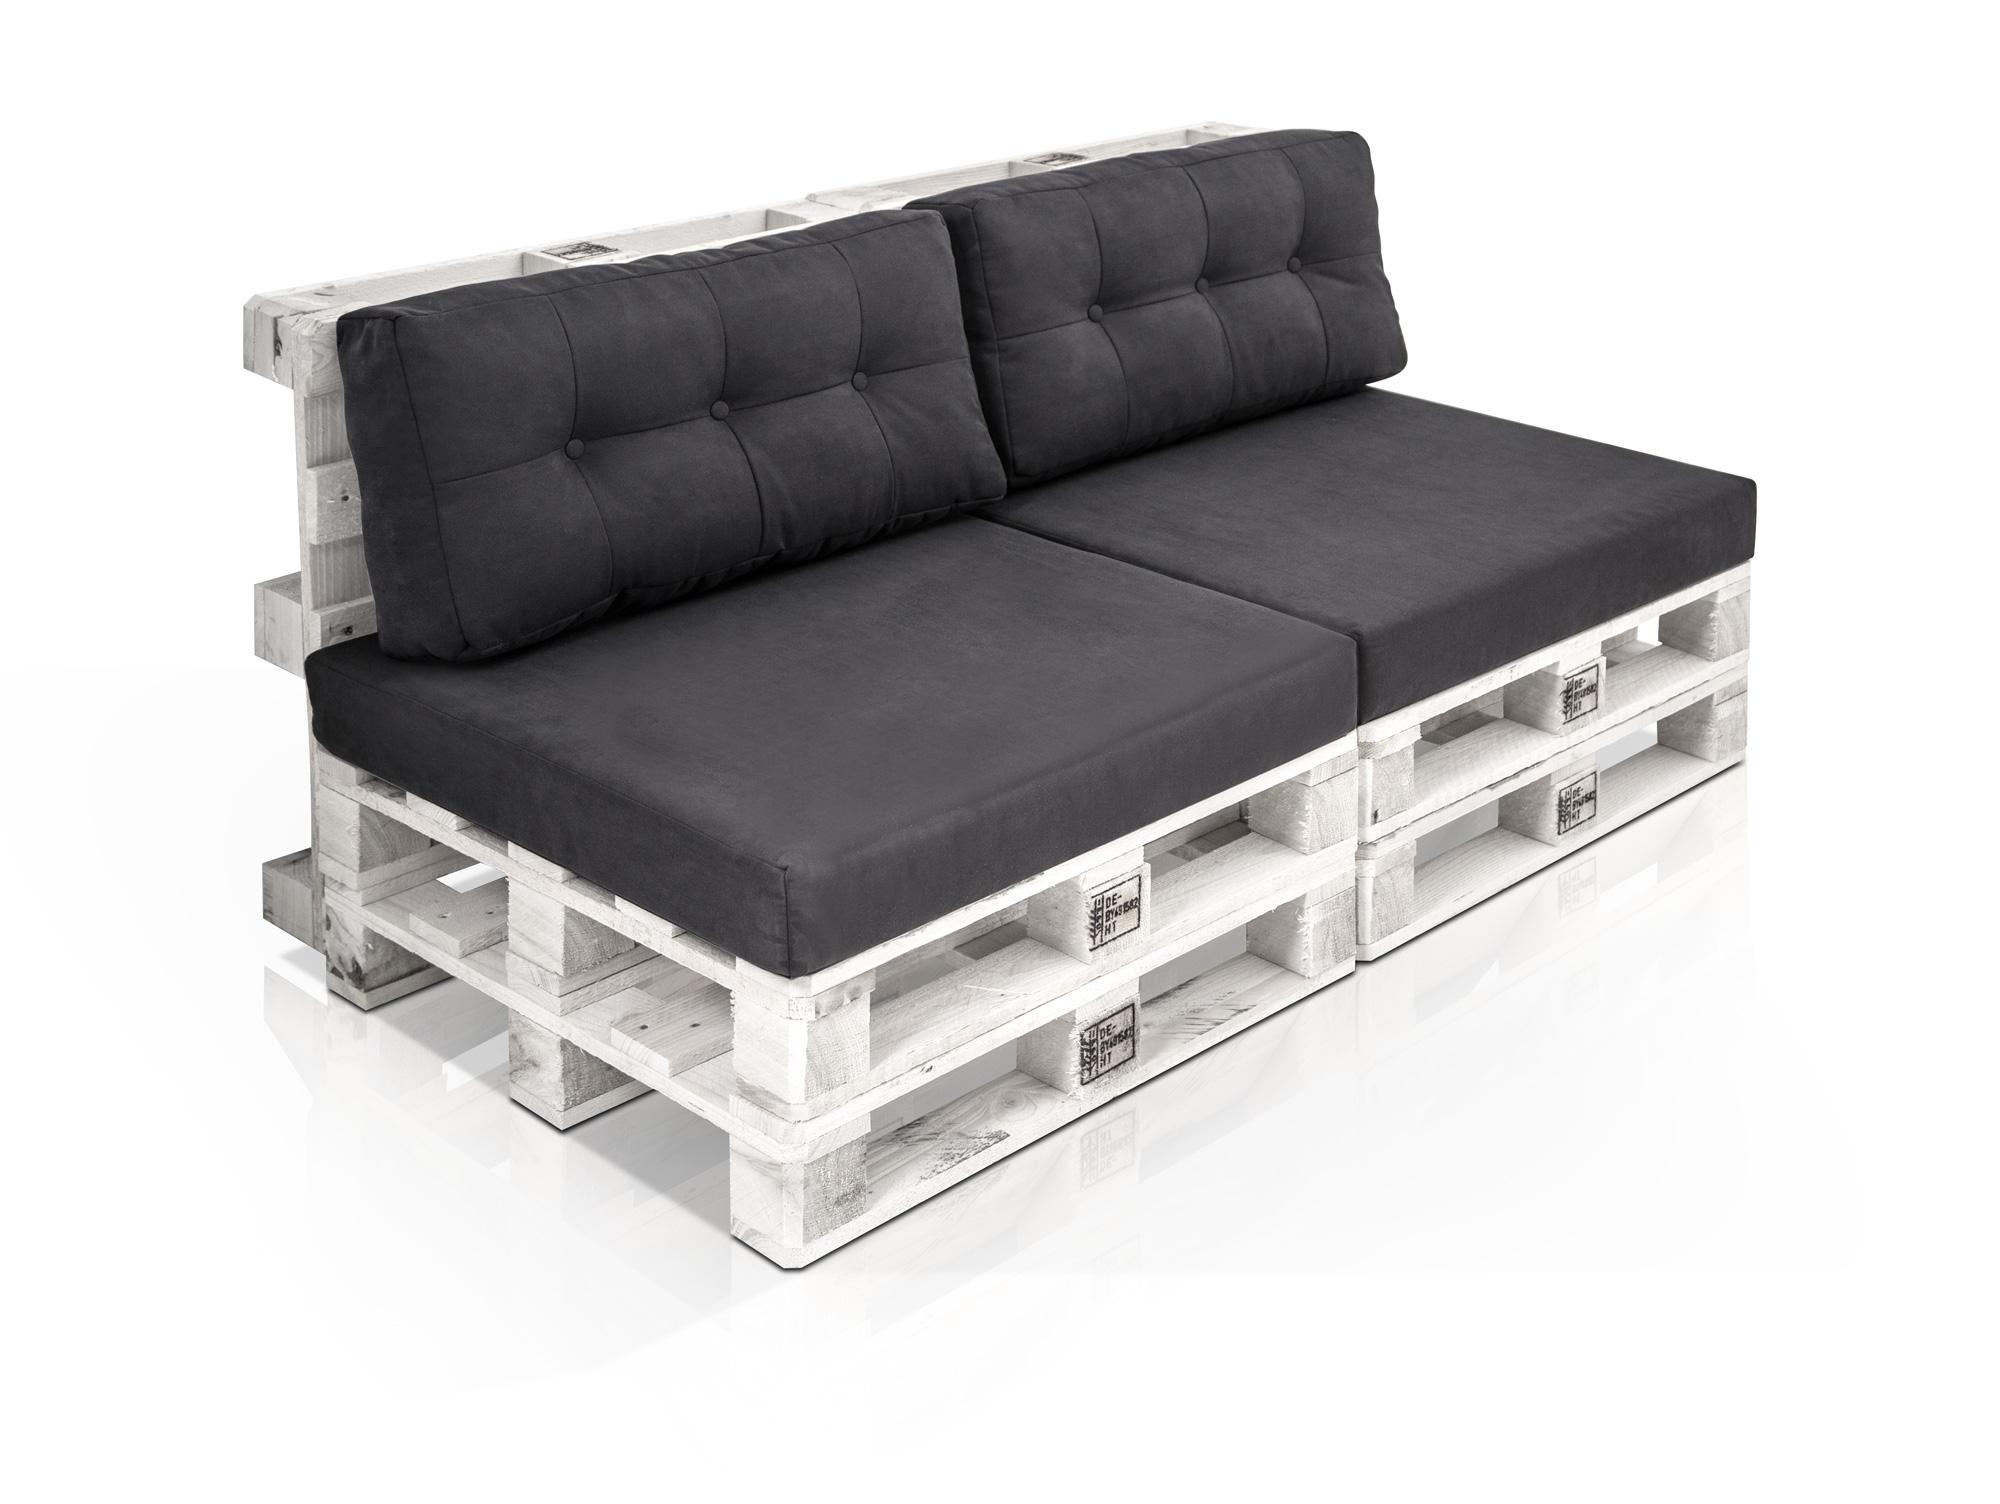 paletti 2 sitzer sofa aus paletten weiss lackiert ohne armlehnen. Black Bedroom Furniture Sets. Home Design Ideas